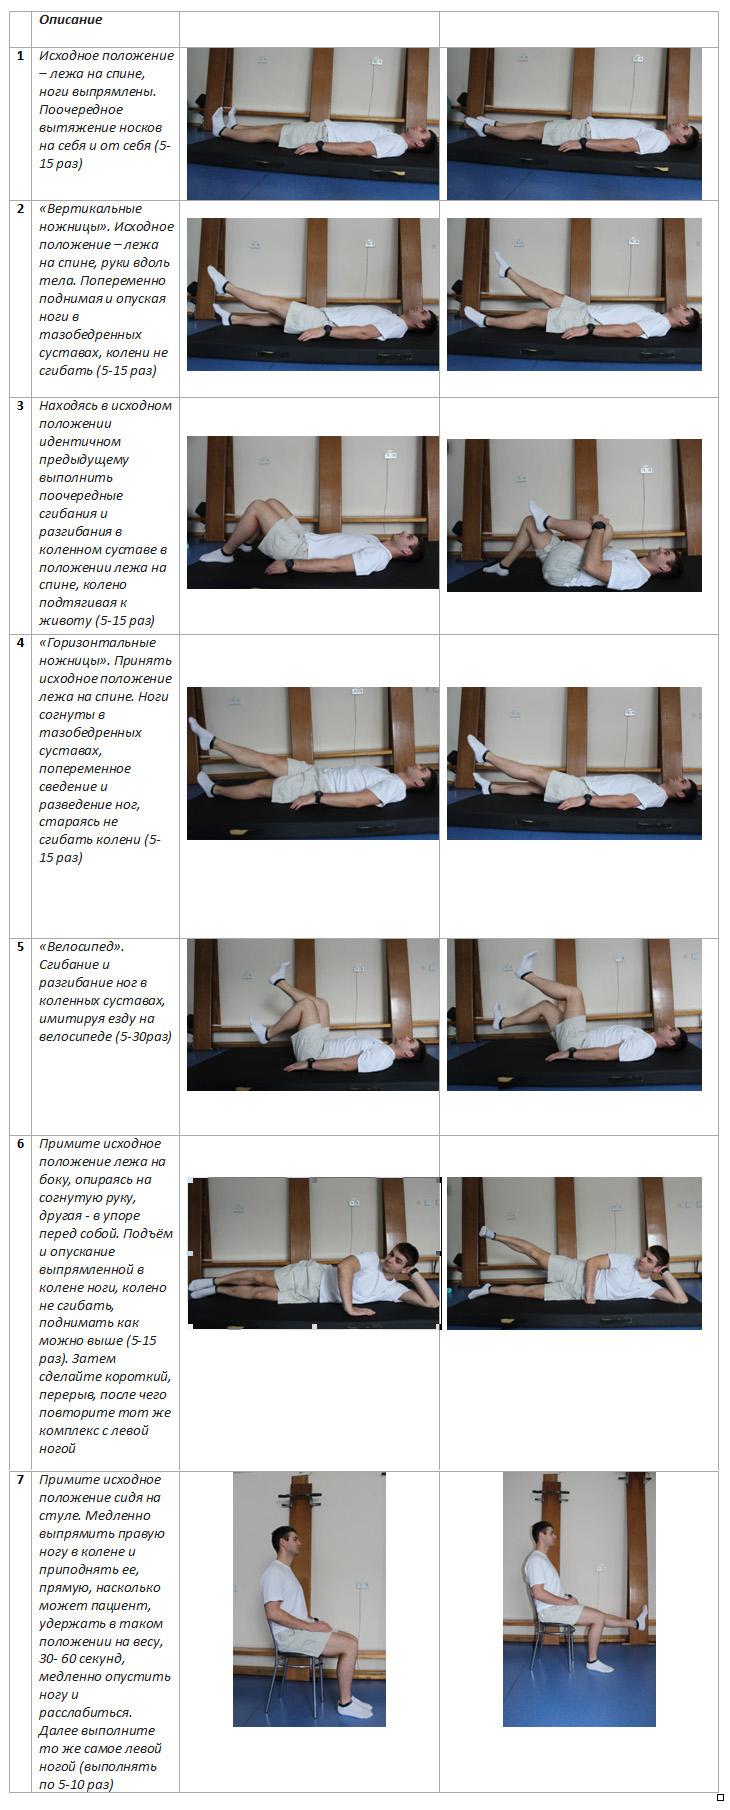 Причины, симптомы и лечение артроза